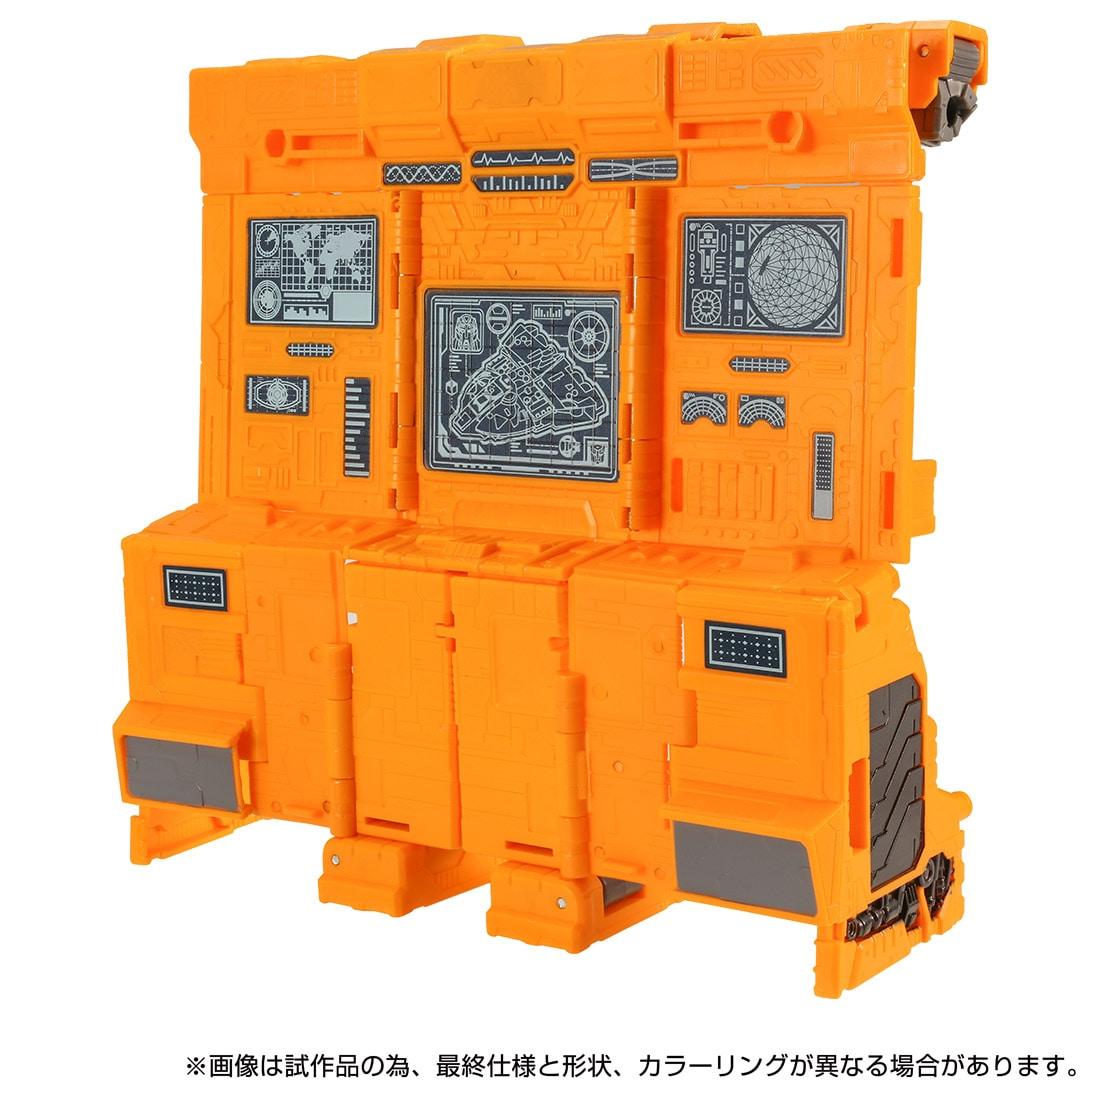 【限定販売】トランスフォーマー キングダム『KD EX-09 オートボットアーク』可変可動フィギュア-005